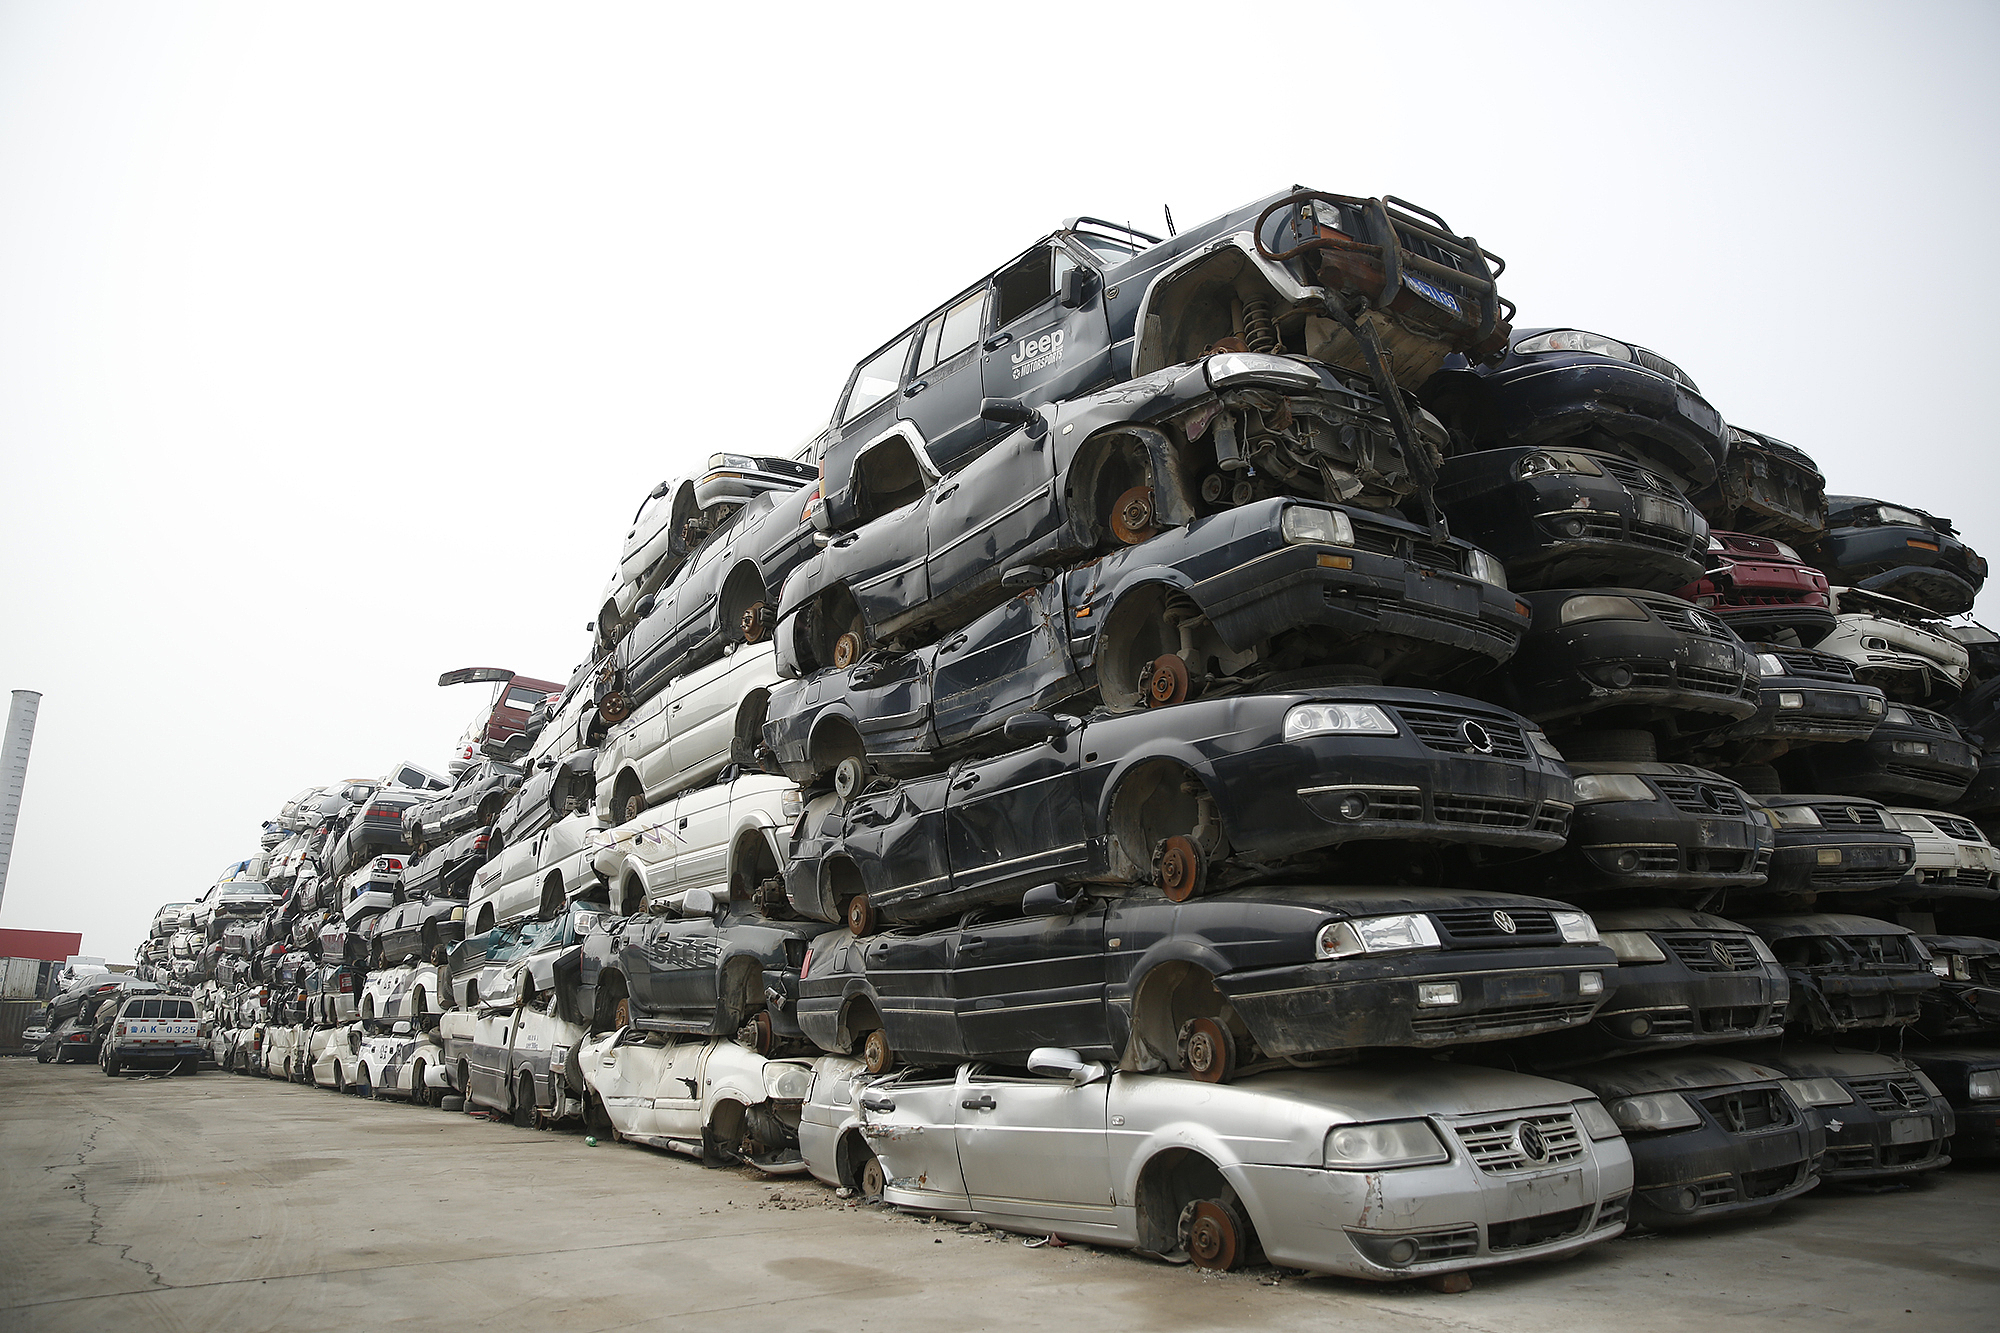 傲世皇朝平台工信部等四部门:支持汽车规范回收 可回收利用率要达到95%